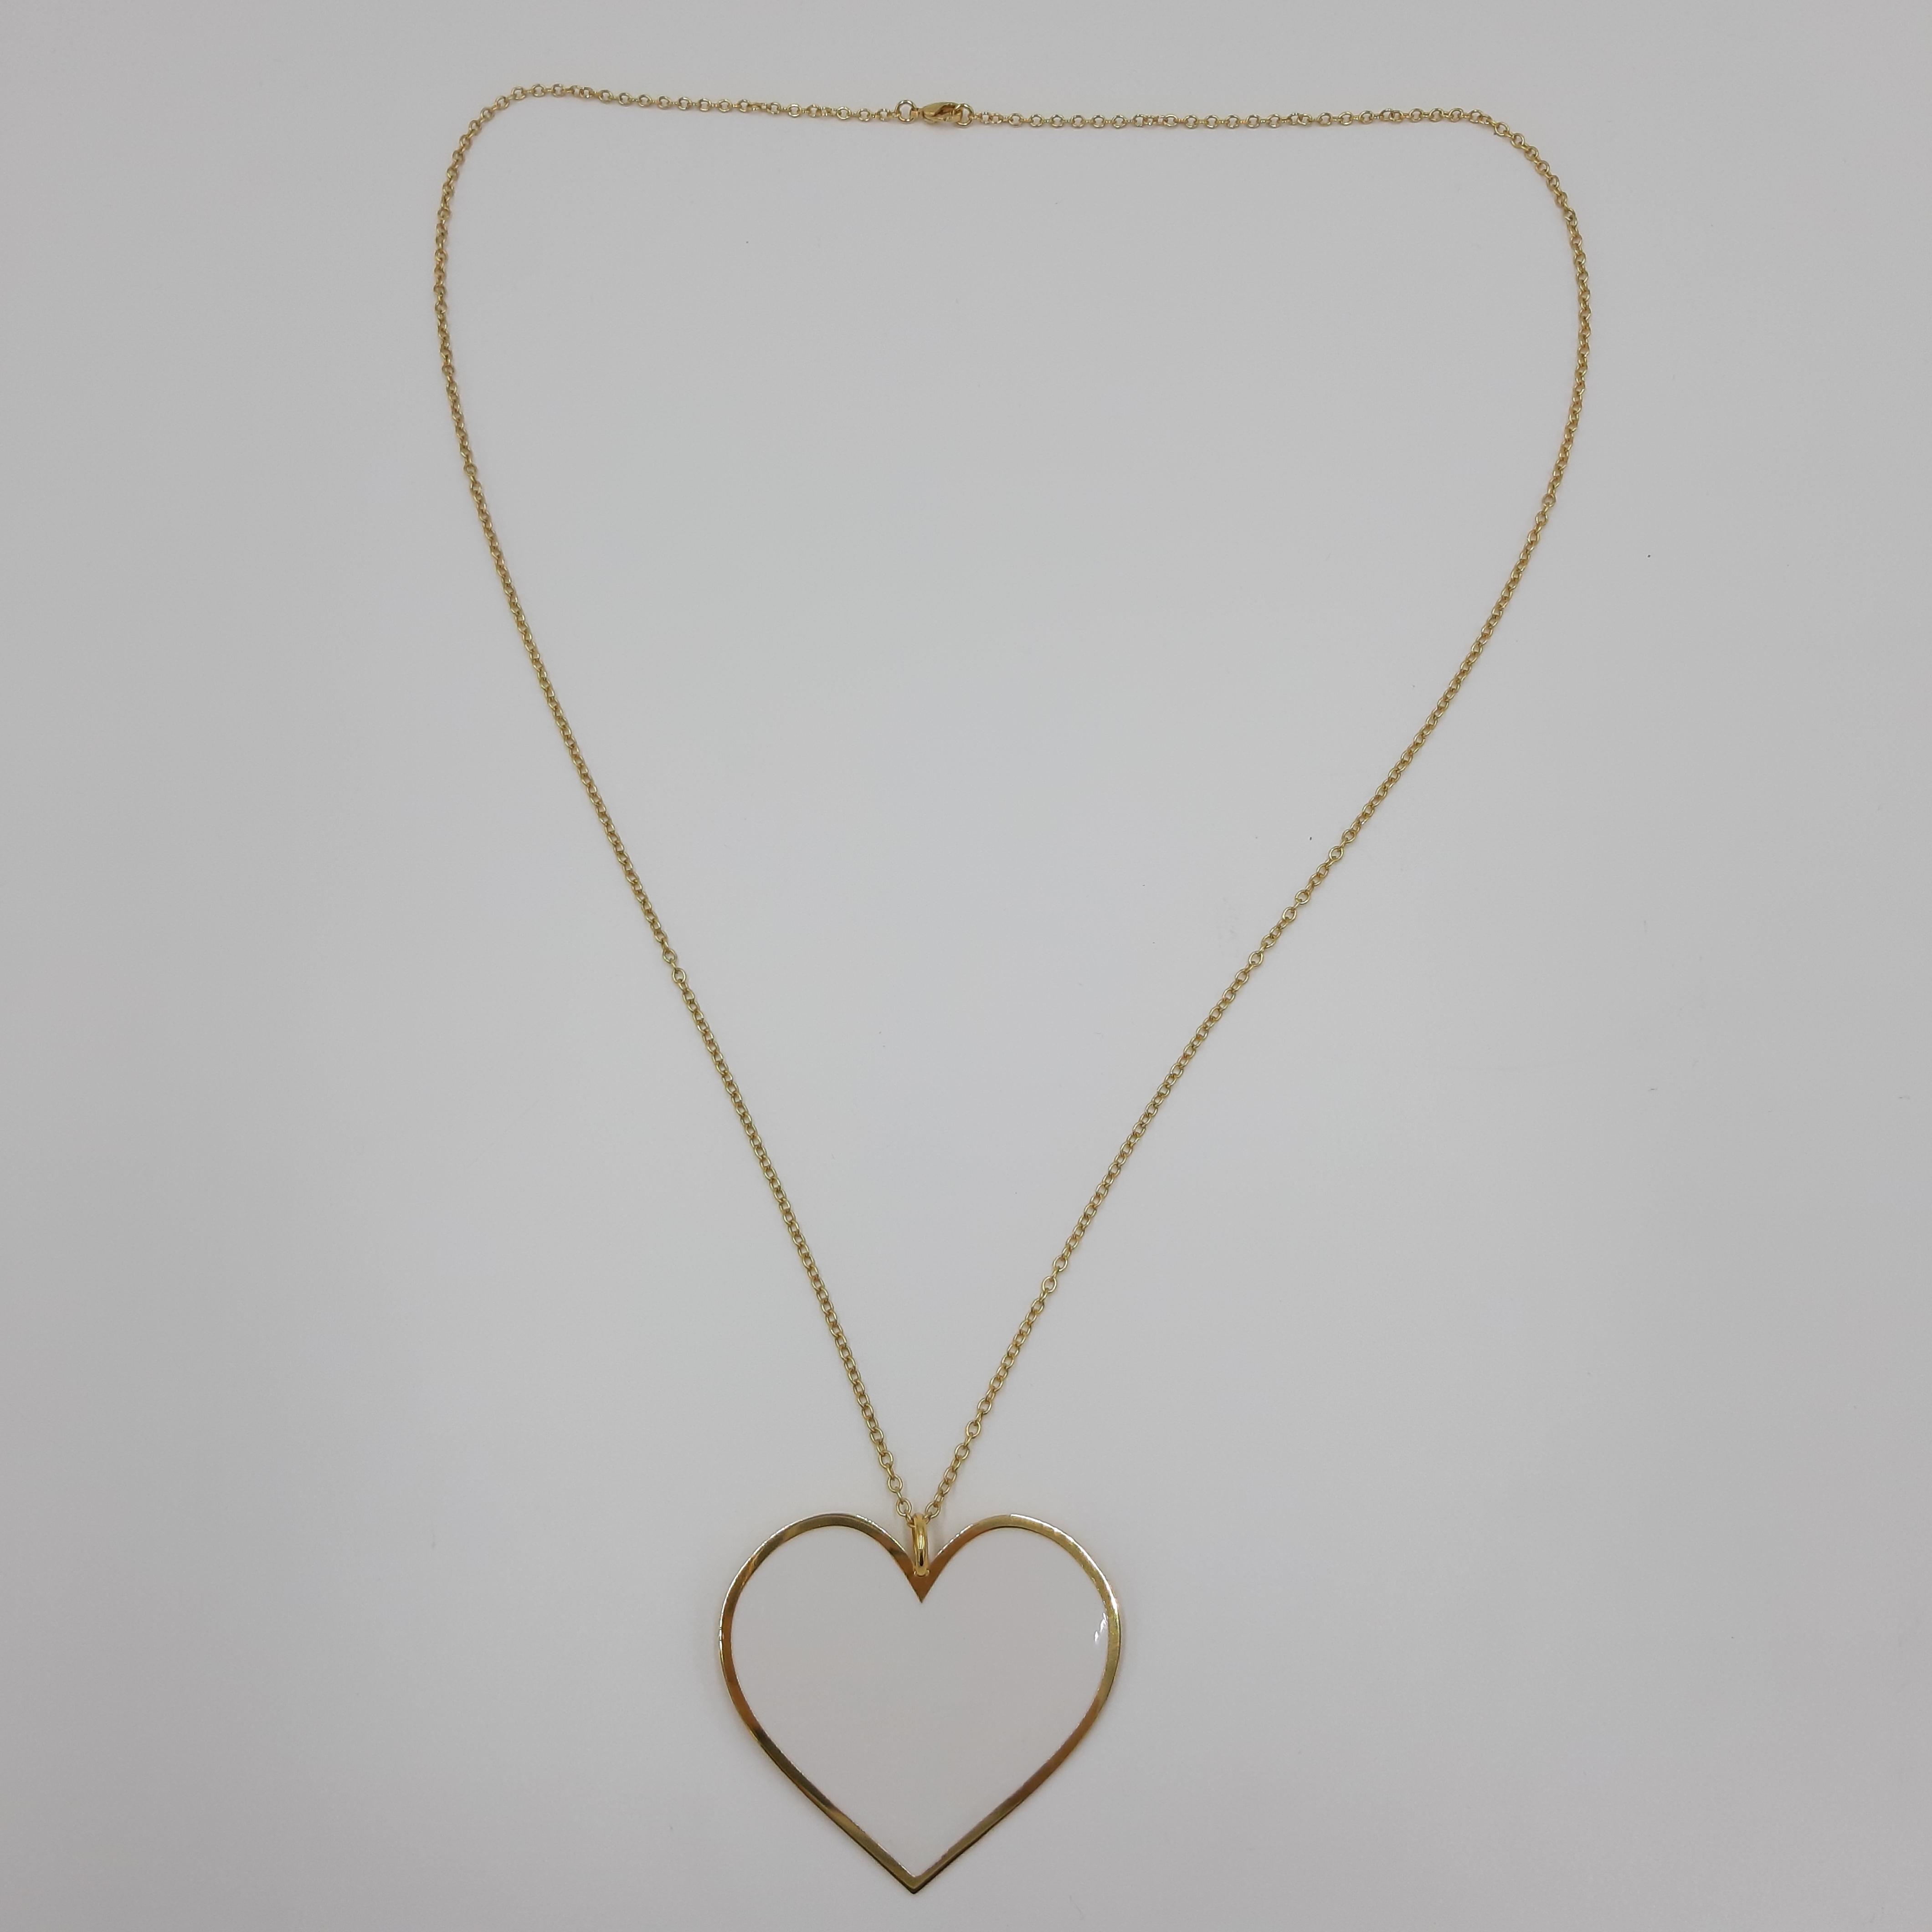 Collana lunga con cuore bianco Francesca Bianchi Design